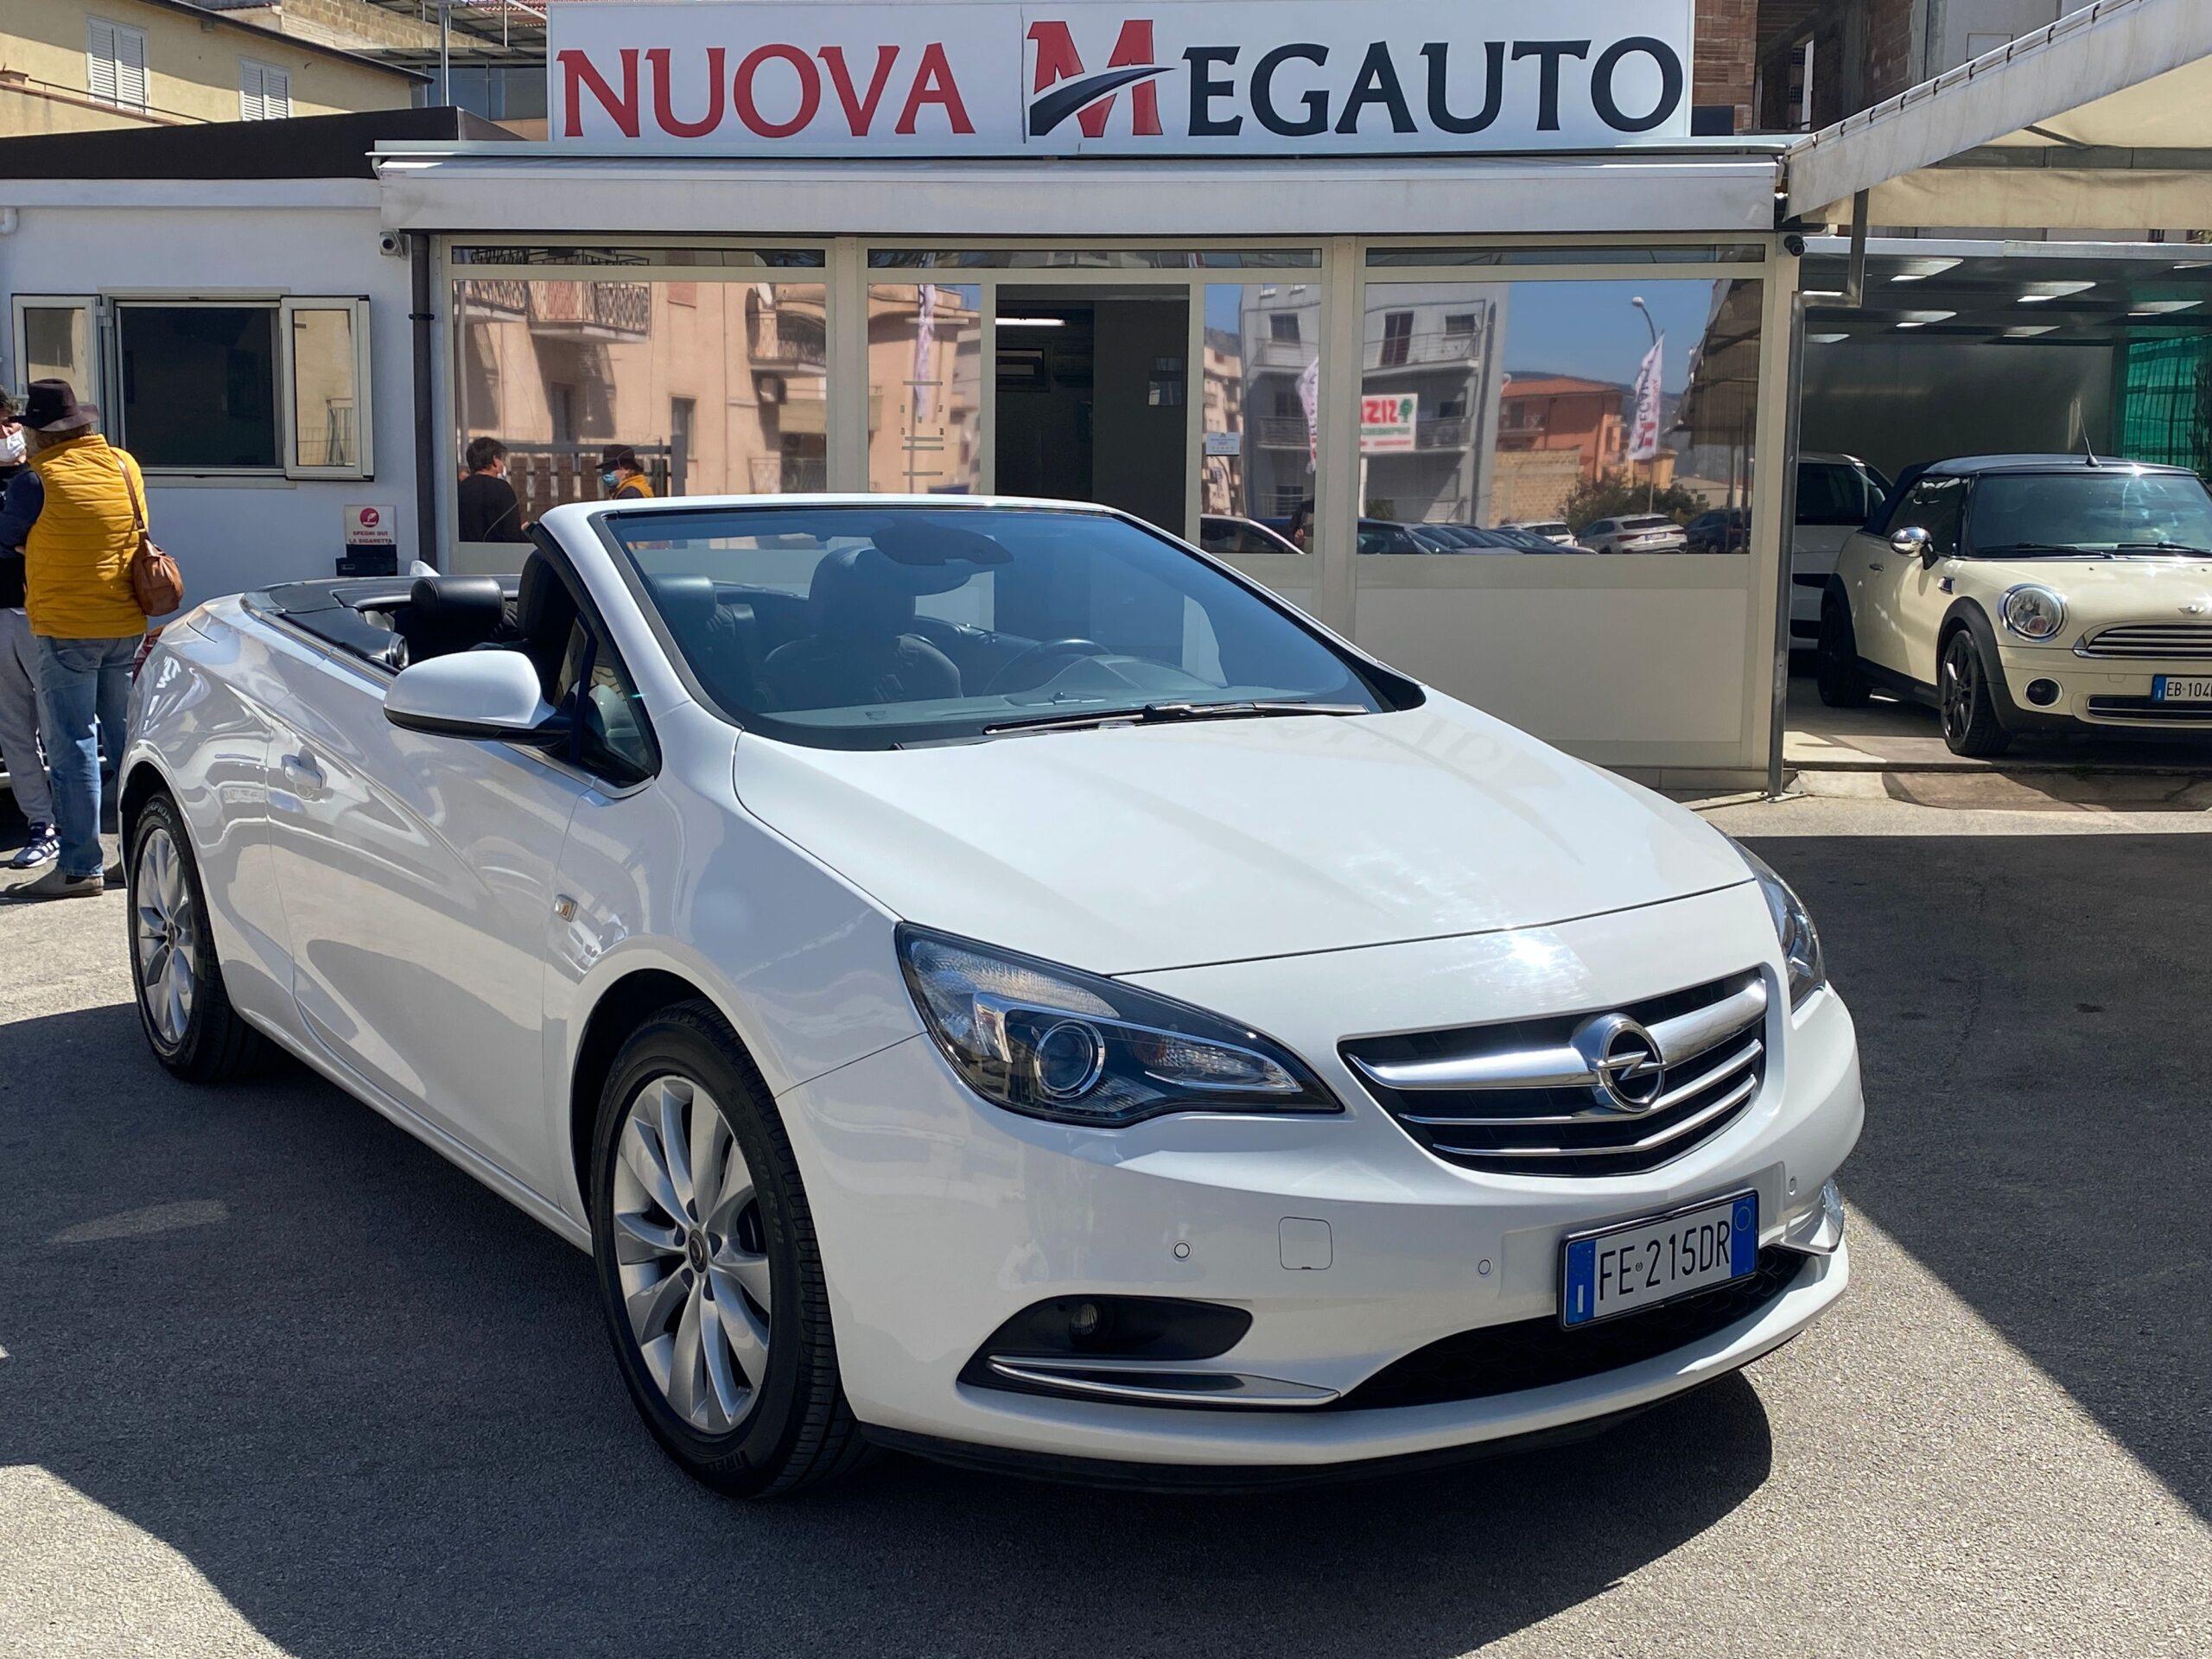 Opel Cascada 2.0 CDTI ECOTEC 170CV Start&Stop Cosmo